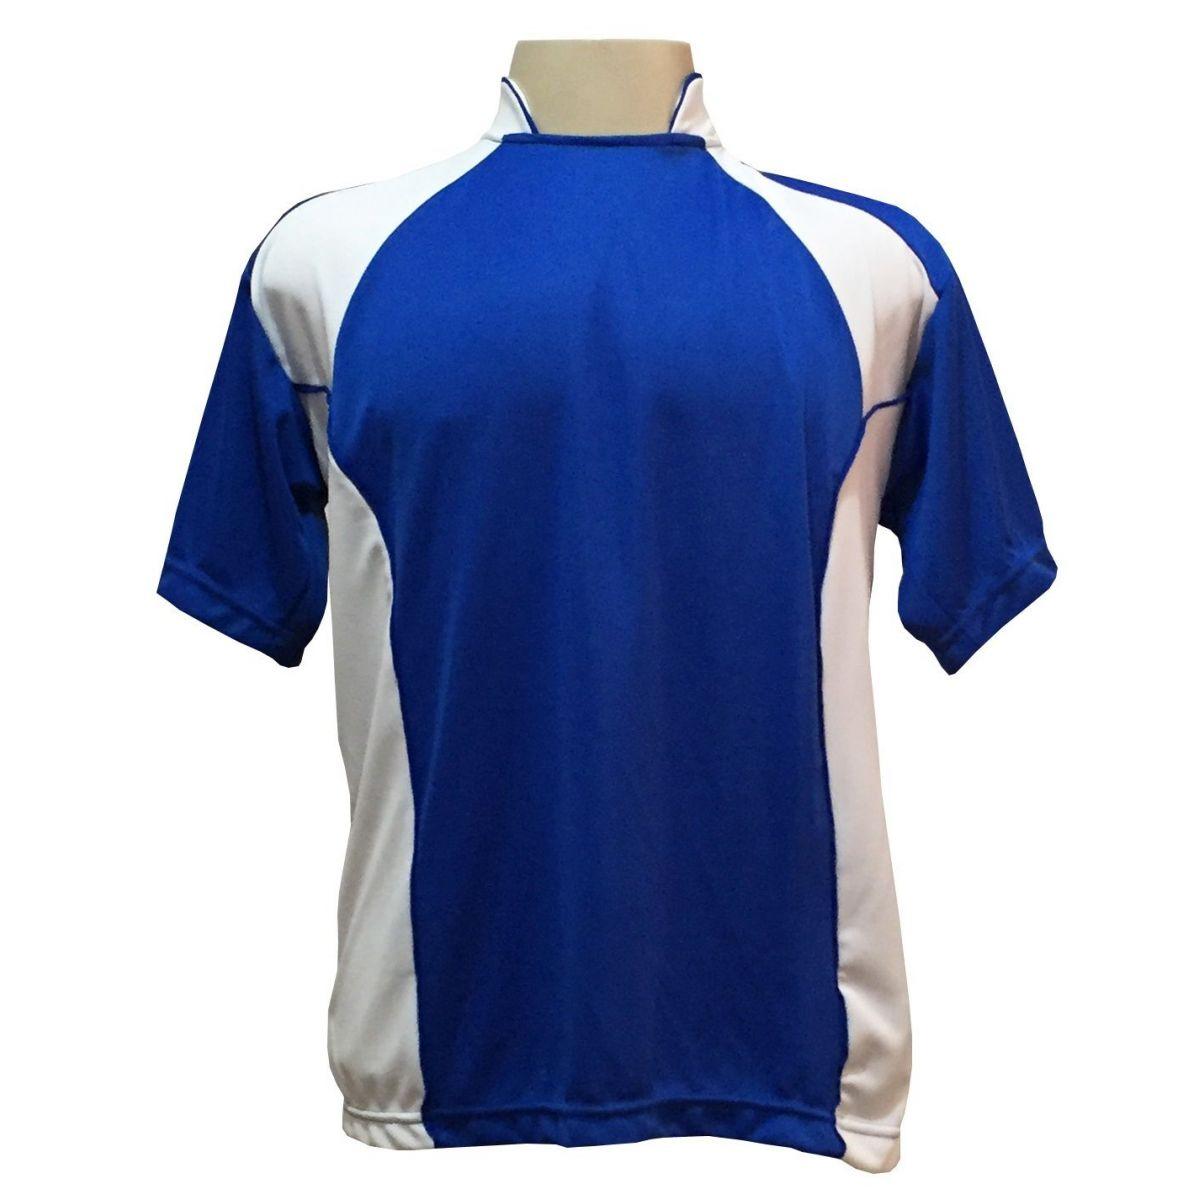 Uniforme Esportivo com 14 Camisas modelo Suécia Royal/Branco + 14 Calções modelo Copa Royal/Branco